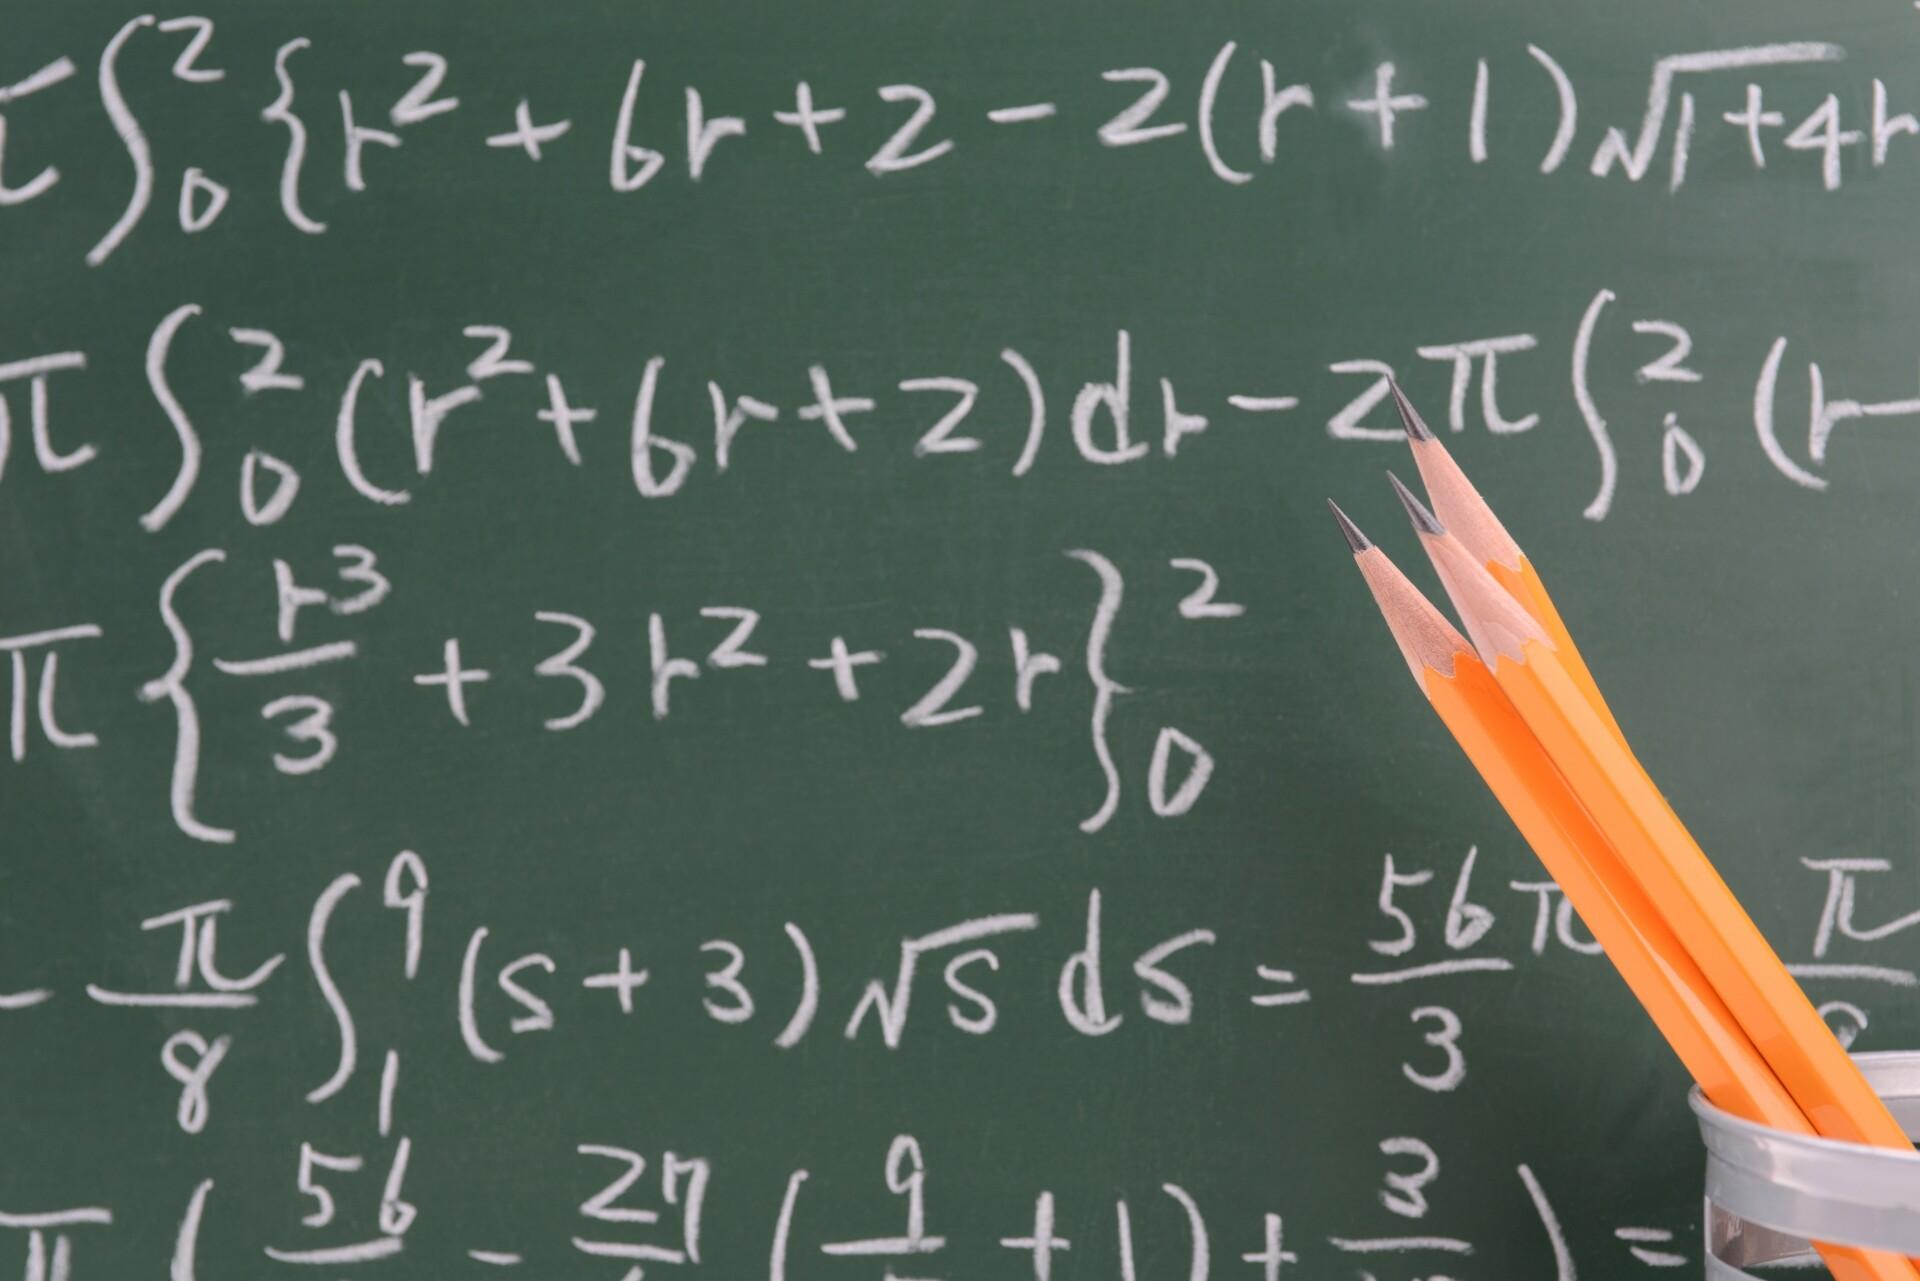 学習塾や子供教室のプロモーション手法として、マンションポスティングは有益な方法